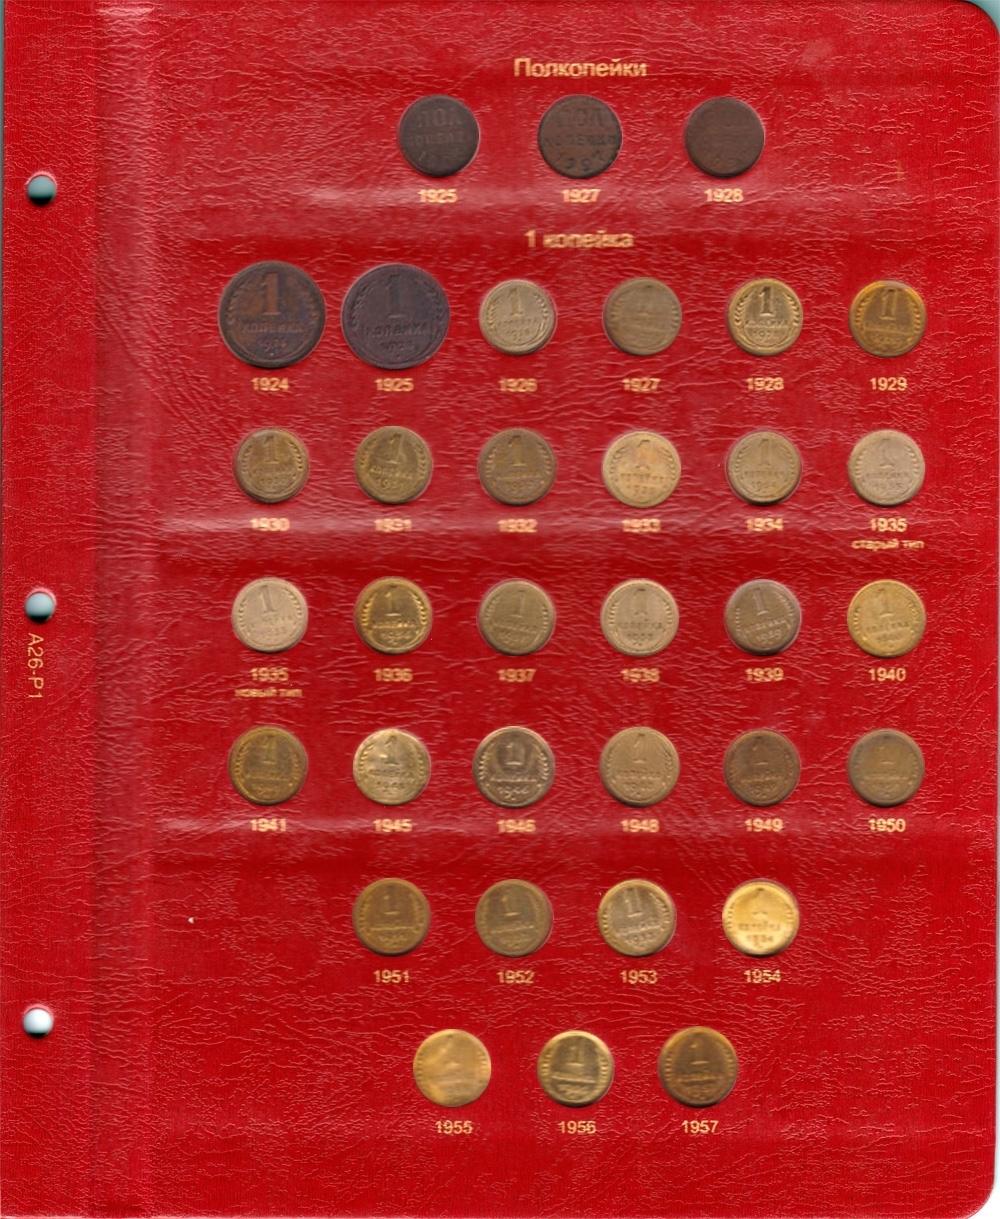 Альбом под регулярные монеты РСФСР и СССР 1921-1957 гг. (по номиналам) КоллеционерЪ.